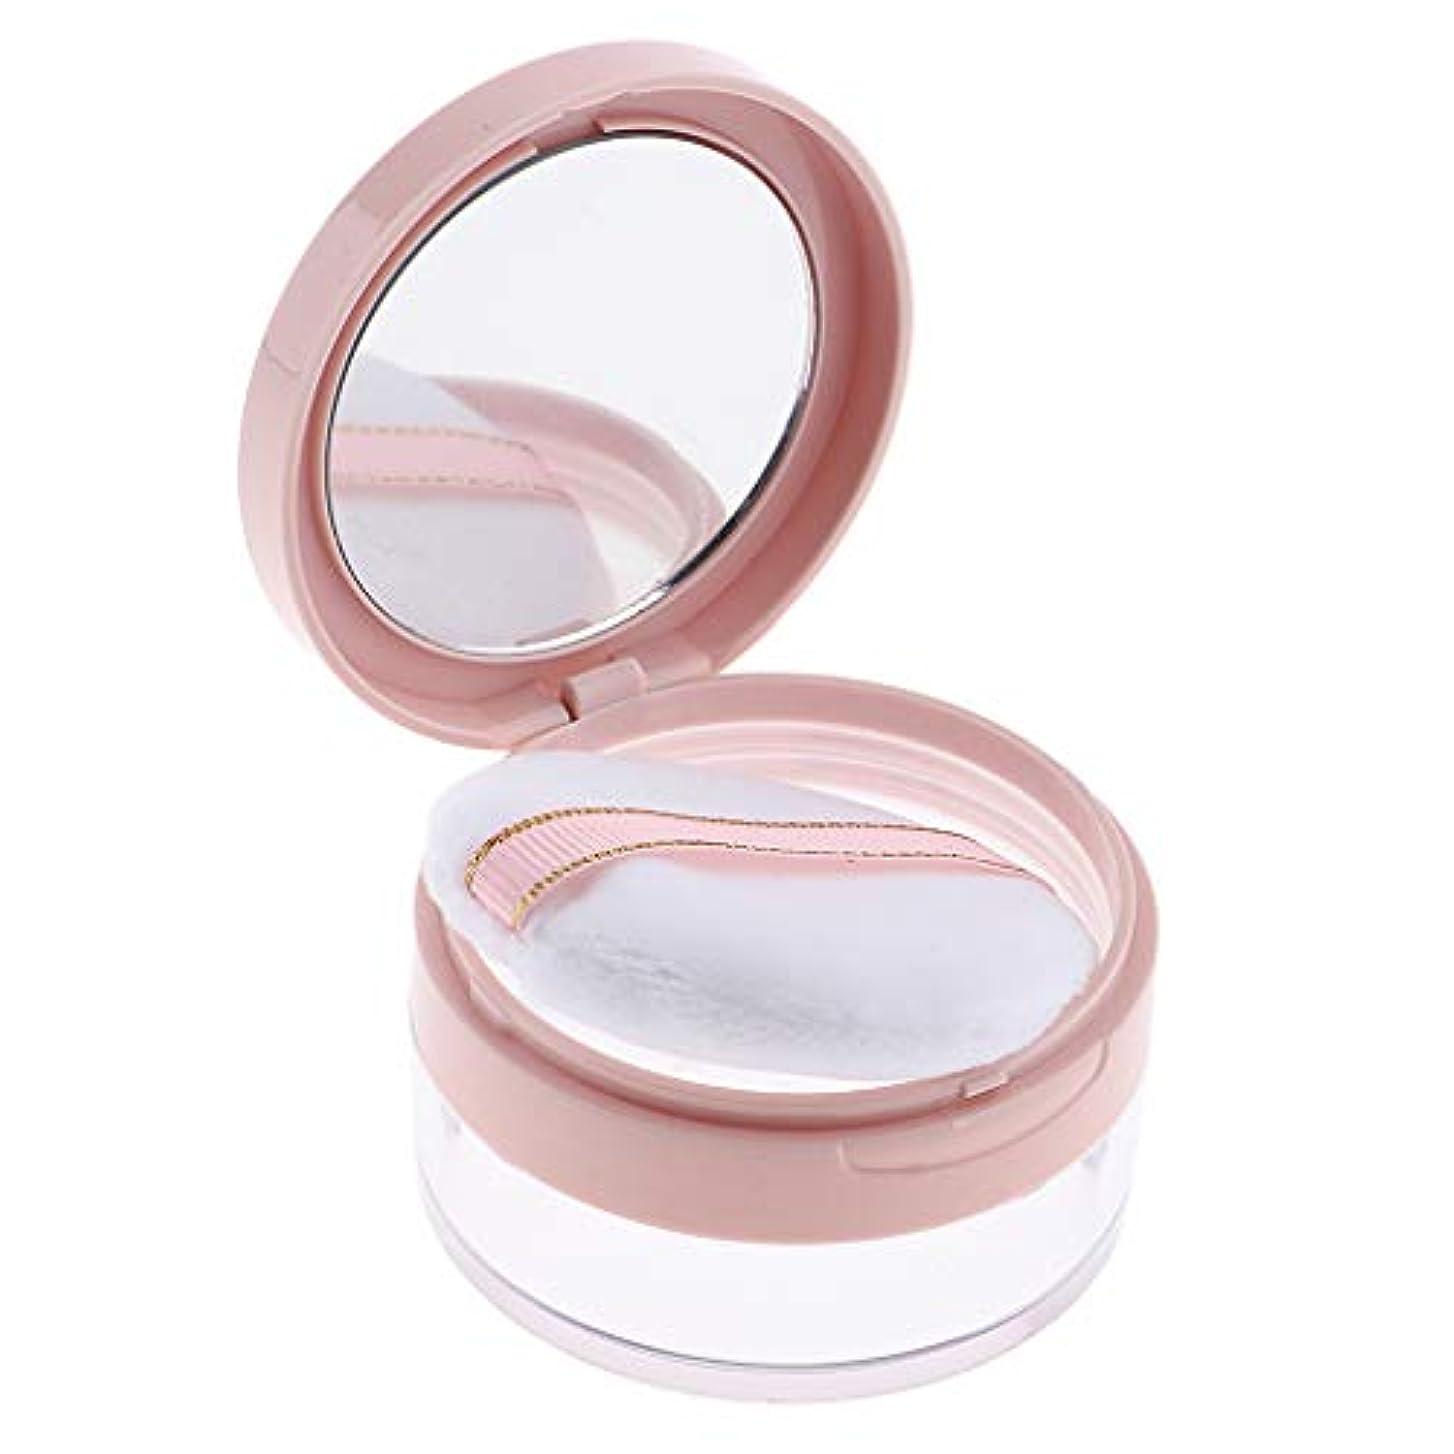 気絶させるパイル安全なF Fityle パウダーケース 化粧品 ジャー 鏡 パフ 2色選べ - ピンク